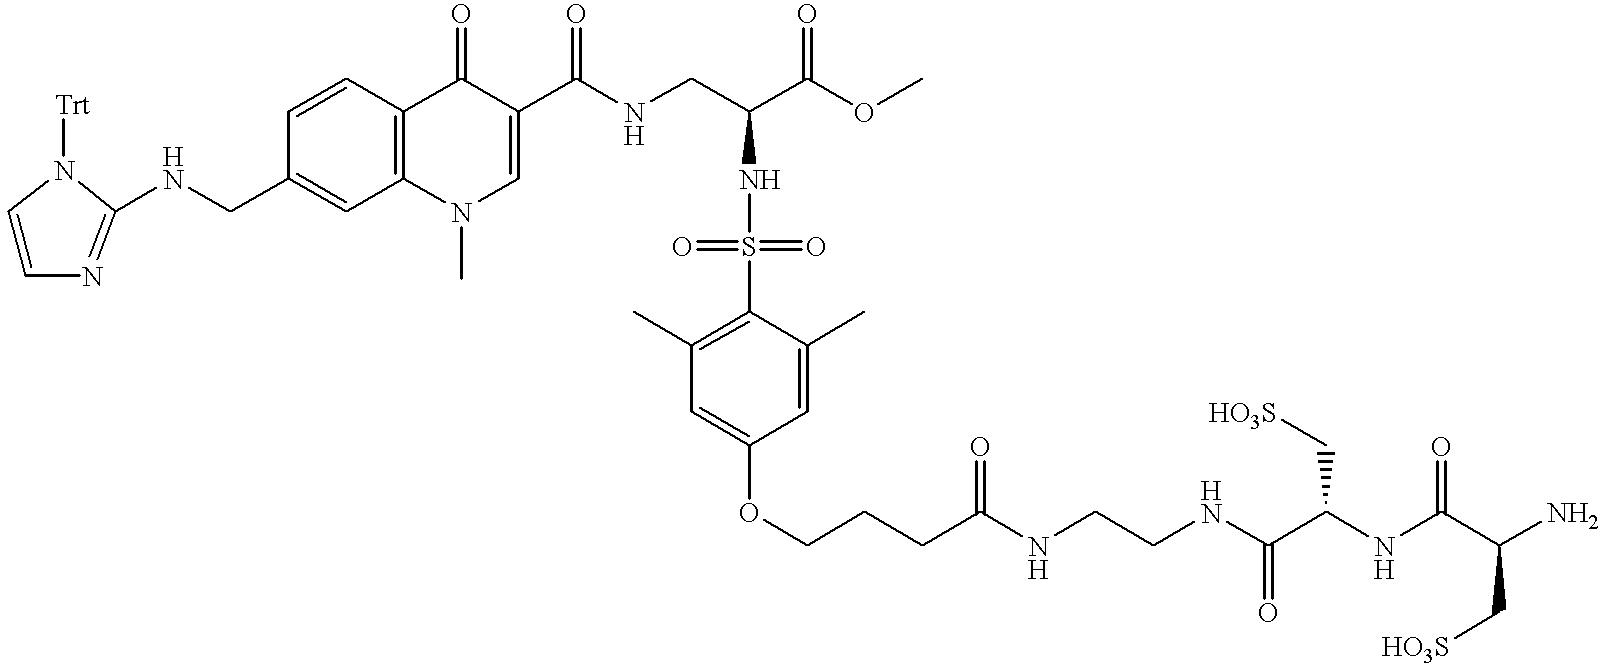 Figure US06683163-20040127-C00101